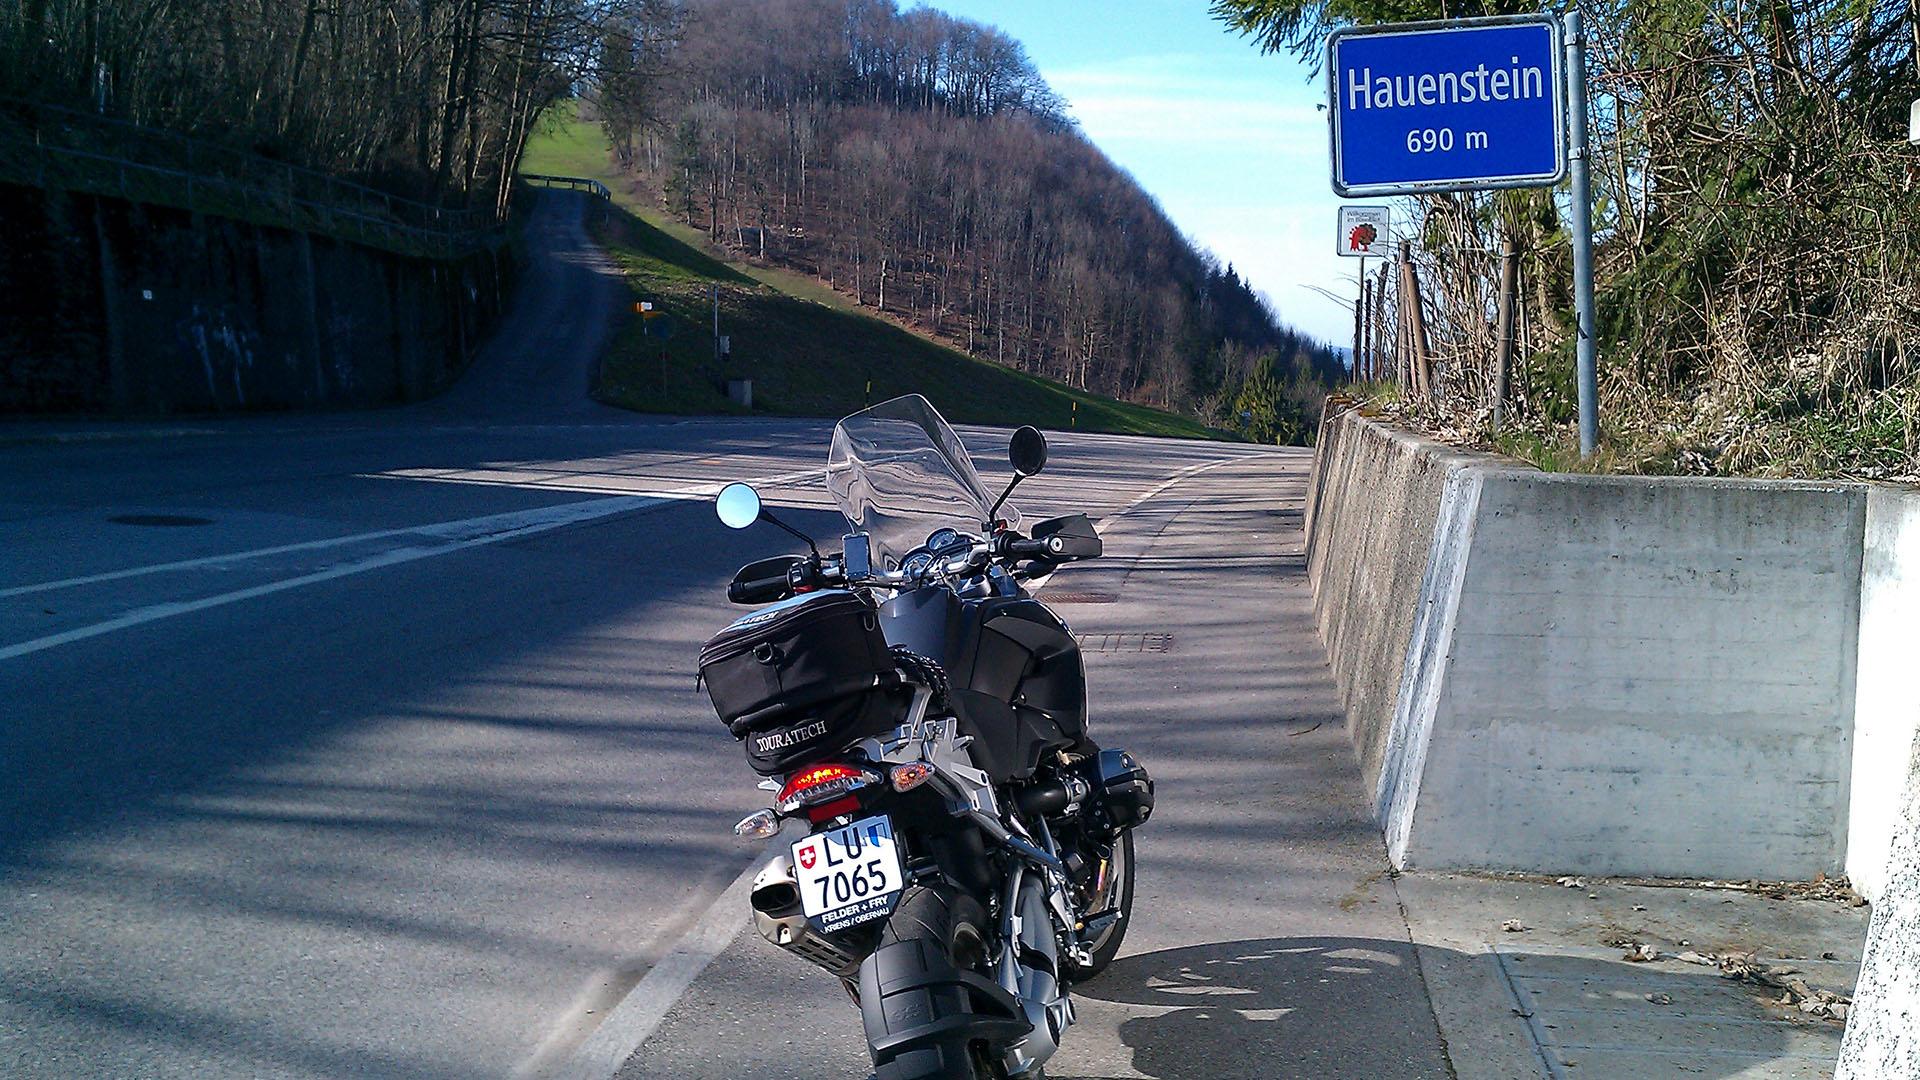 0690 - CH - Hauenstein